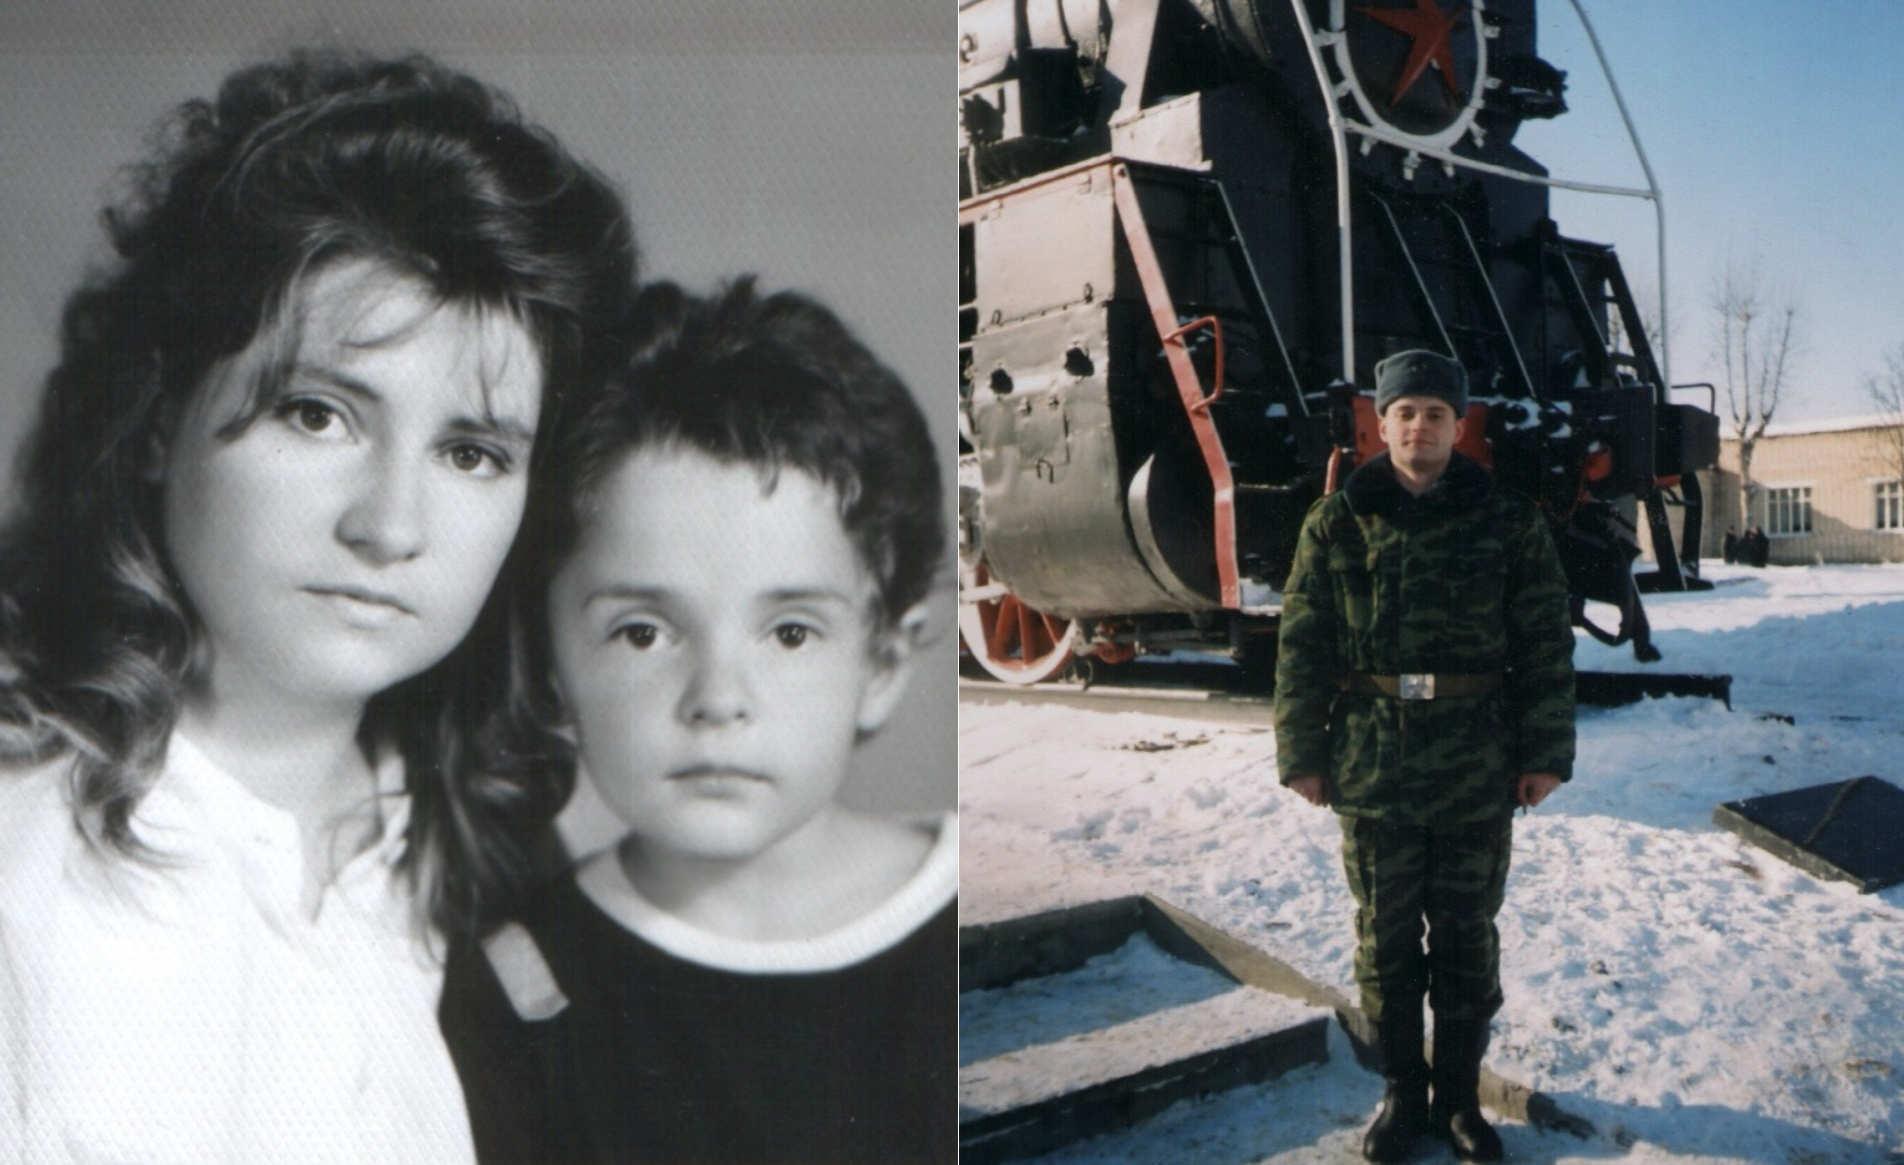 Павел был единственным ребенком в семье. Его матери понадобилось два года, чтобы доказать, что сына убил сослуживец. Фото из личного архива героини.